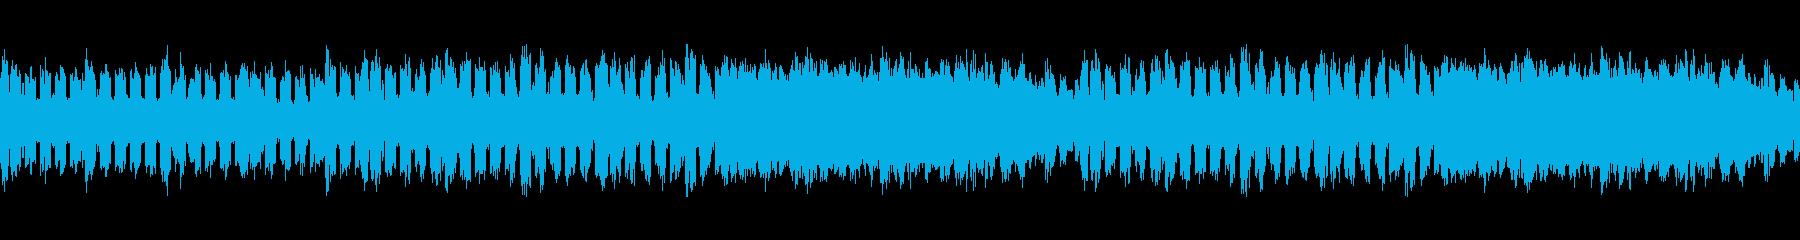 【ファンタジー・ケルト・アイリッシュ】の再生済みの波形